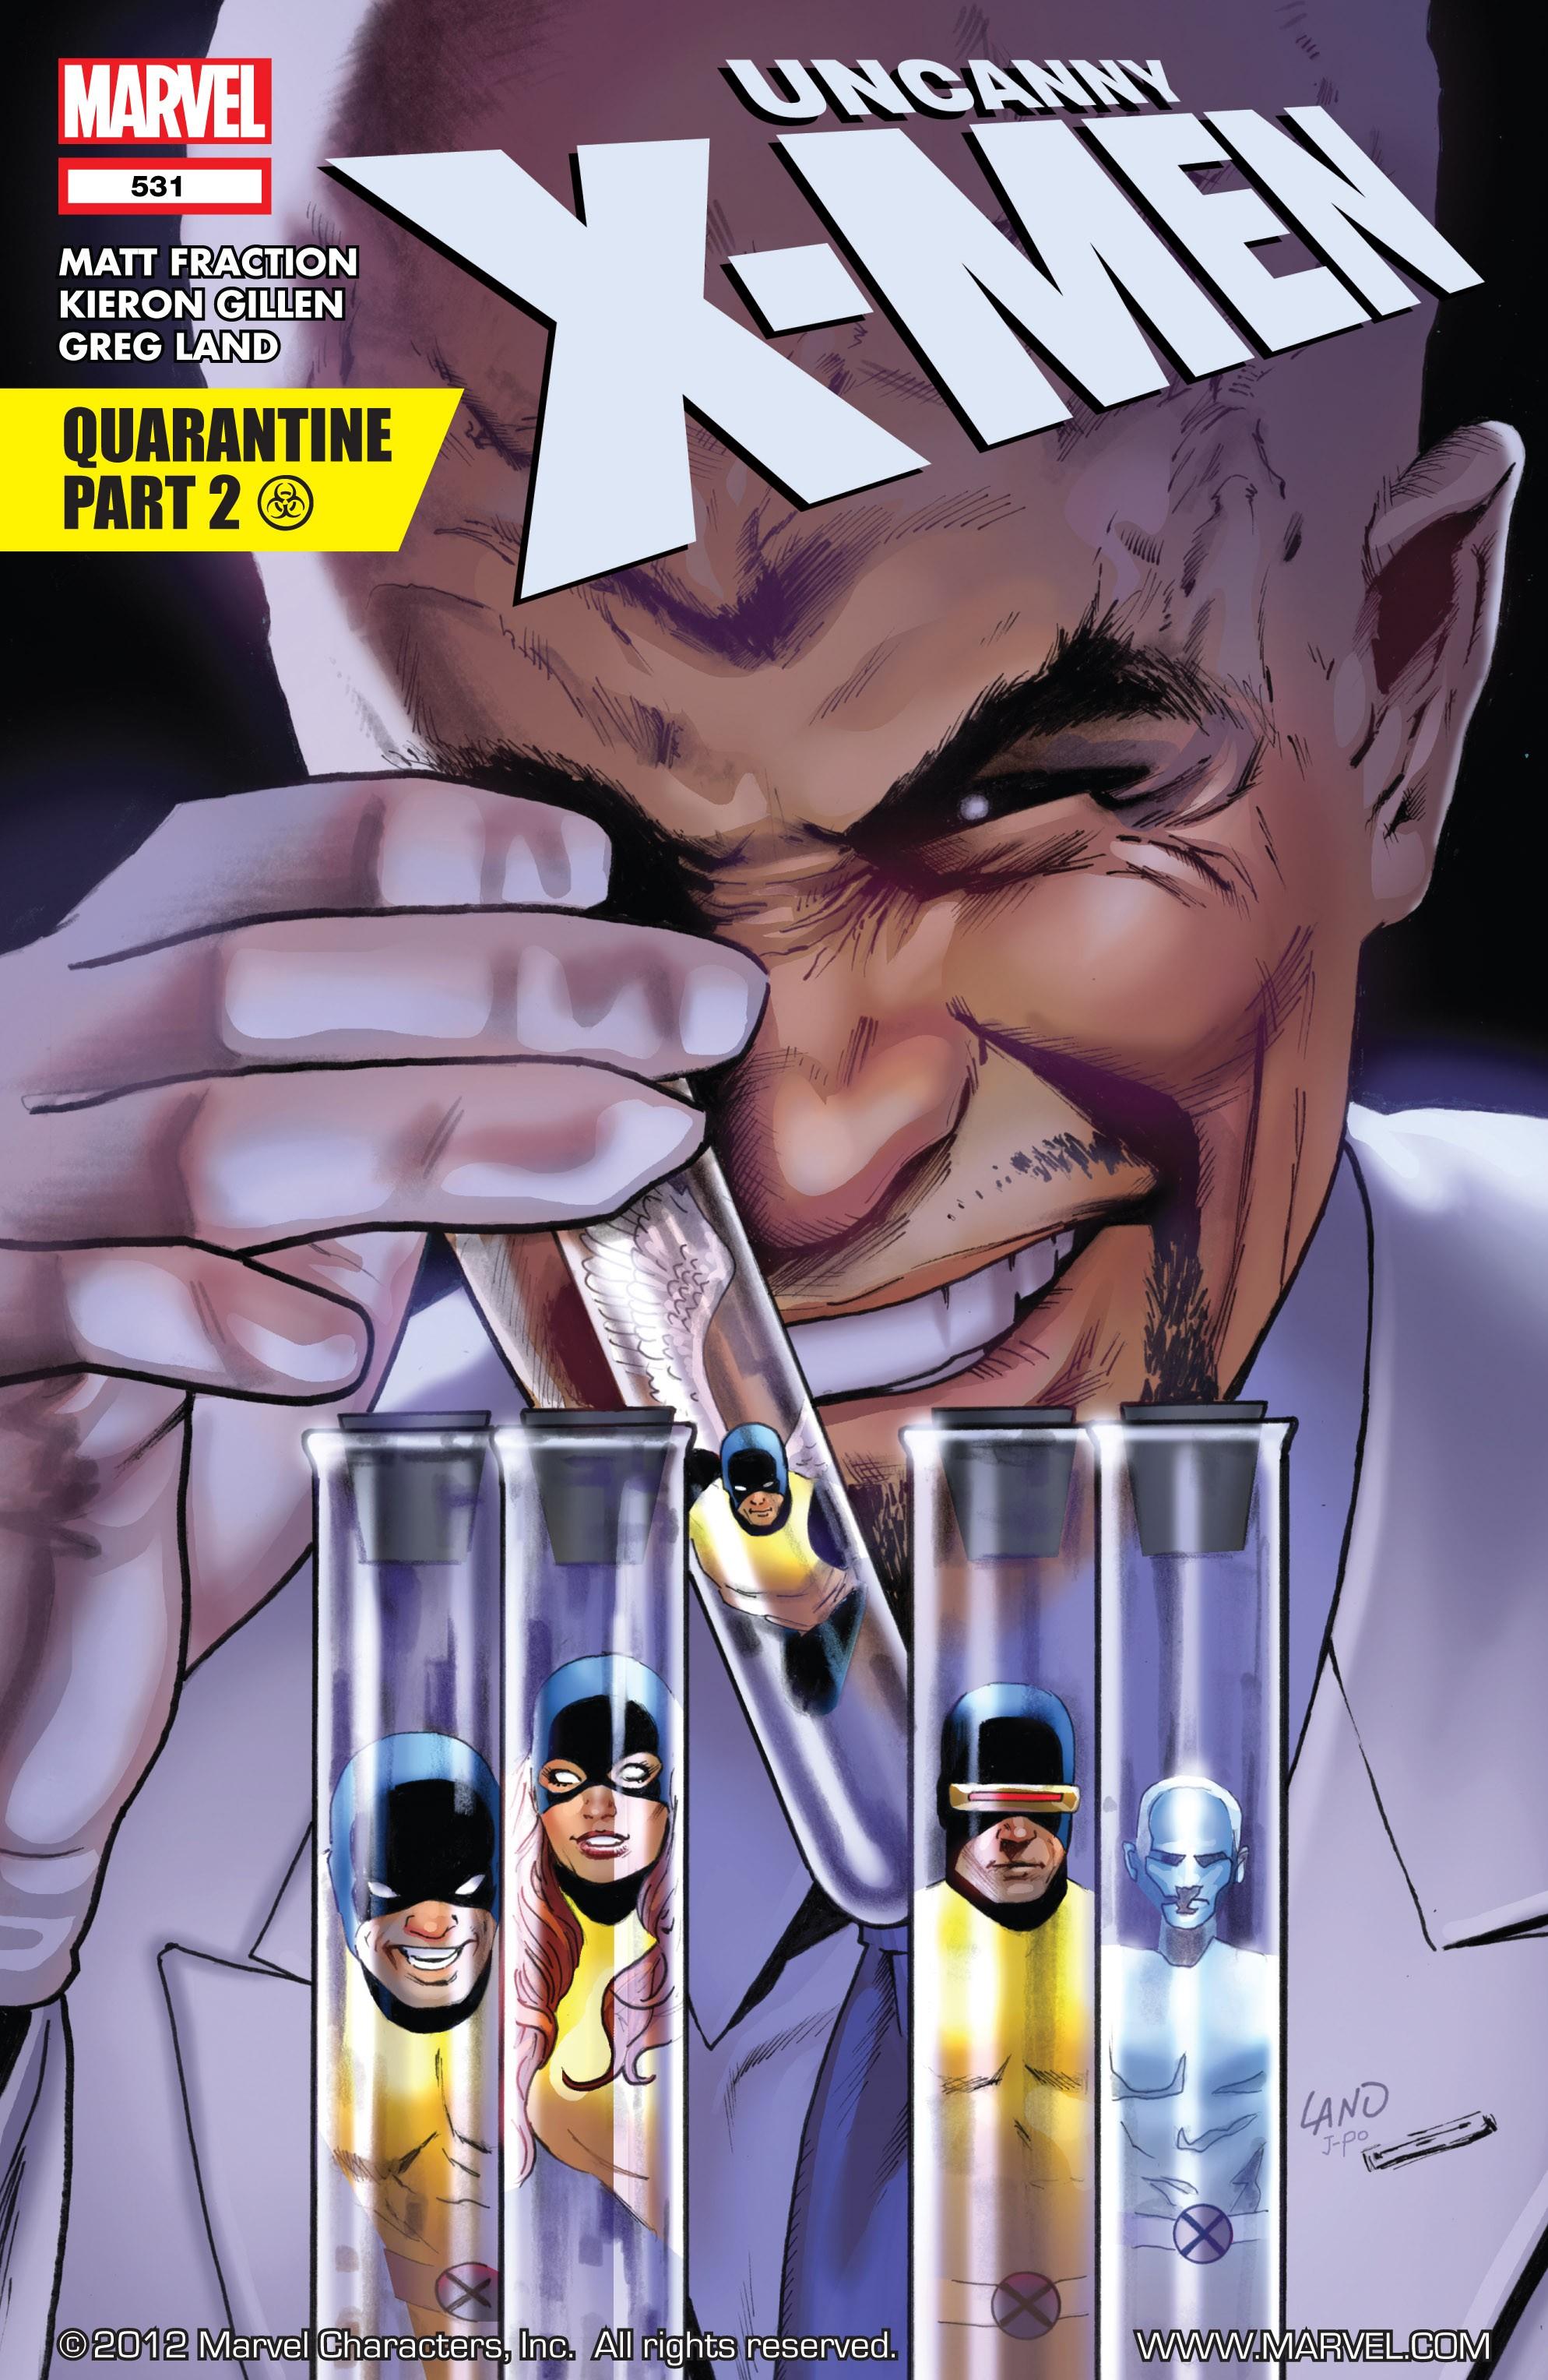 Read online Uncanny X-Men (1963) comic -  Issue #531 - 1